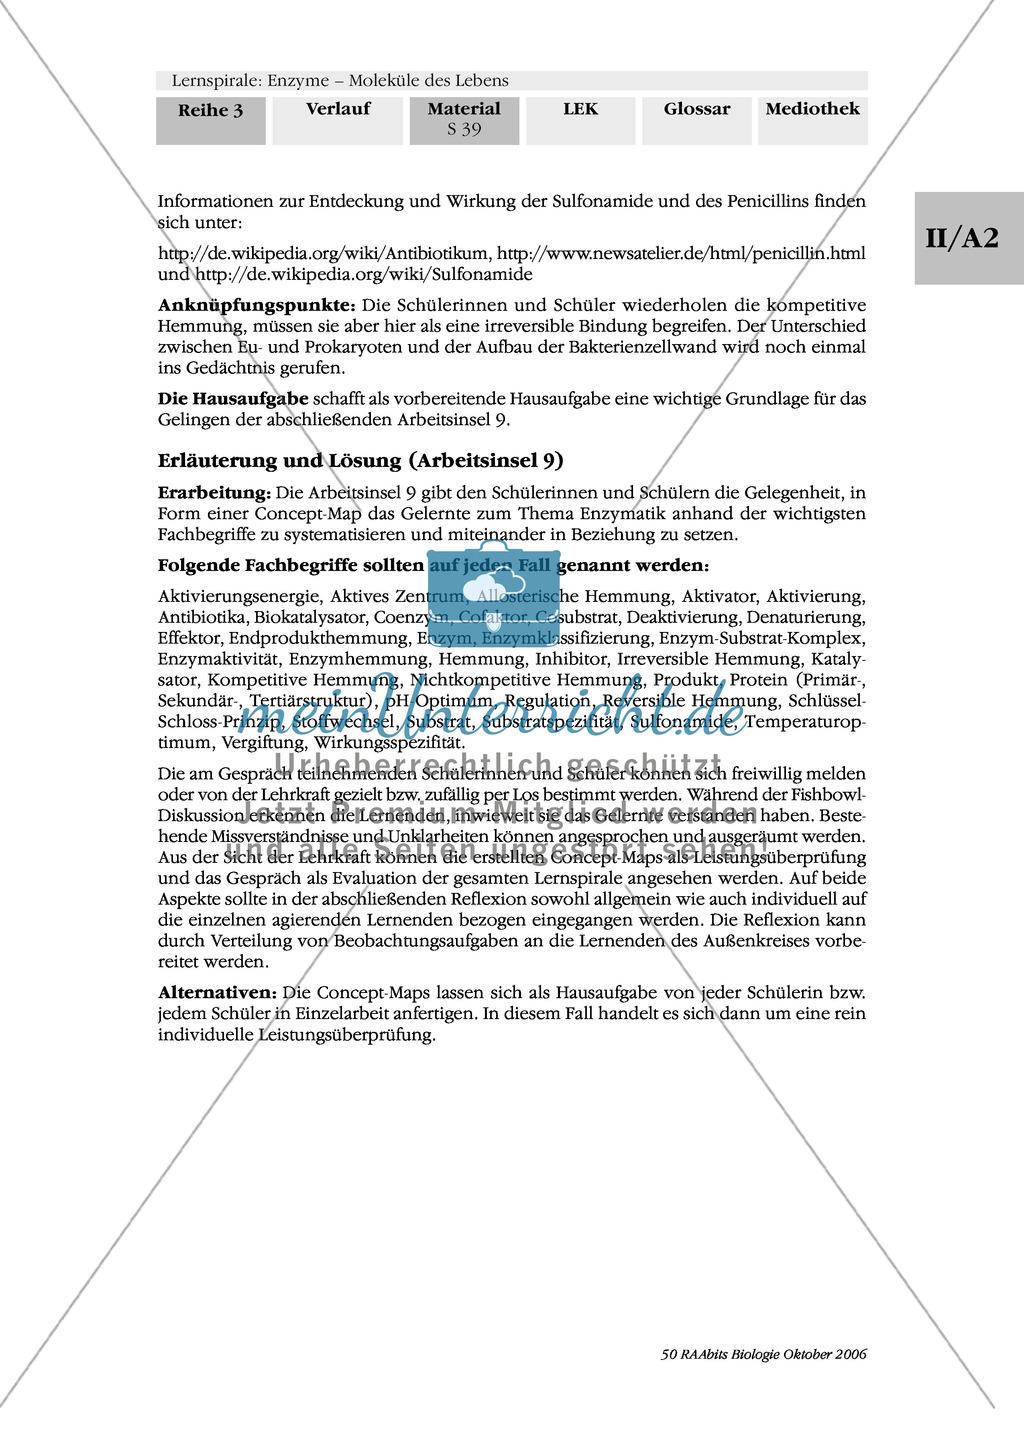 Enzyme: Ergebnissicherung von Arbeitsphasen: Systematisierung und Vermittlung des Gelernten: Concept-Map, Fishbowl Preview 3